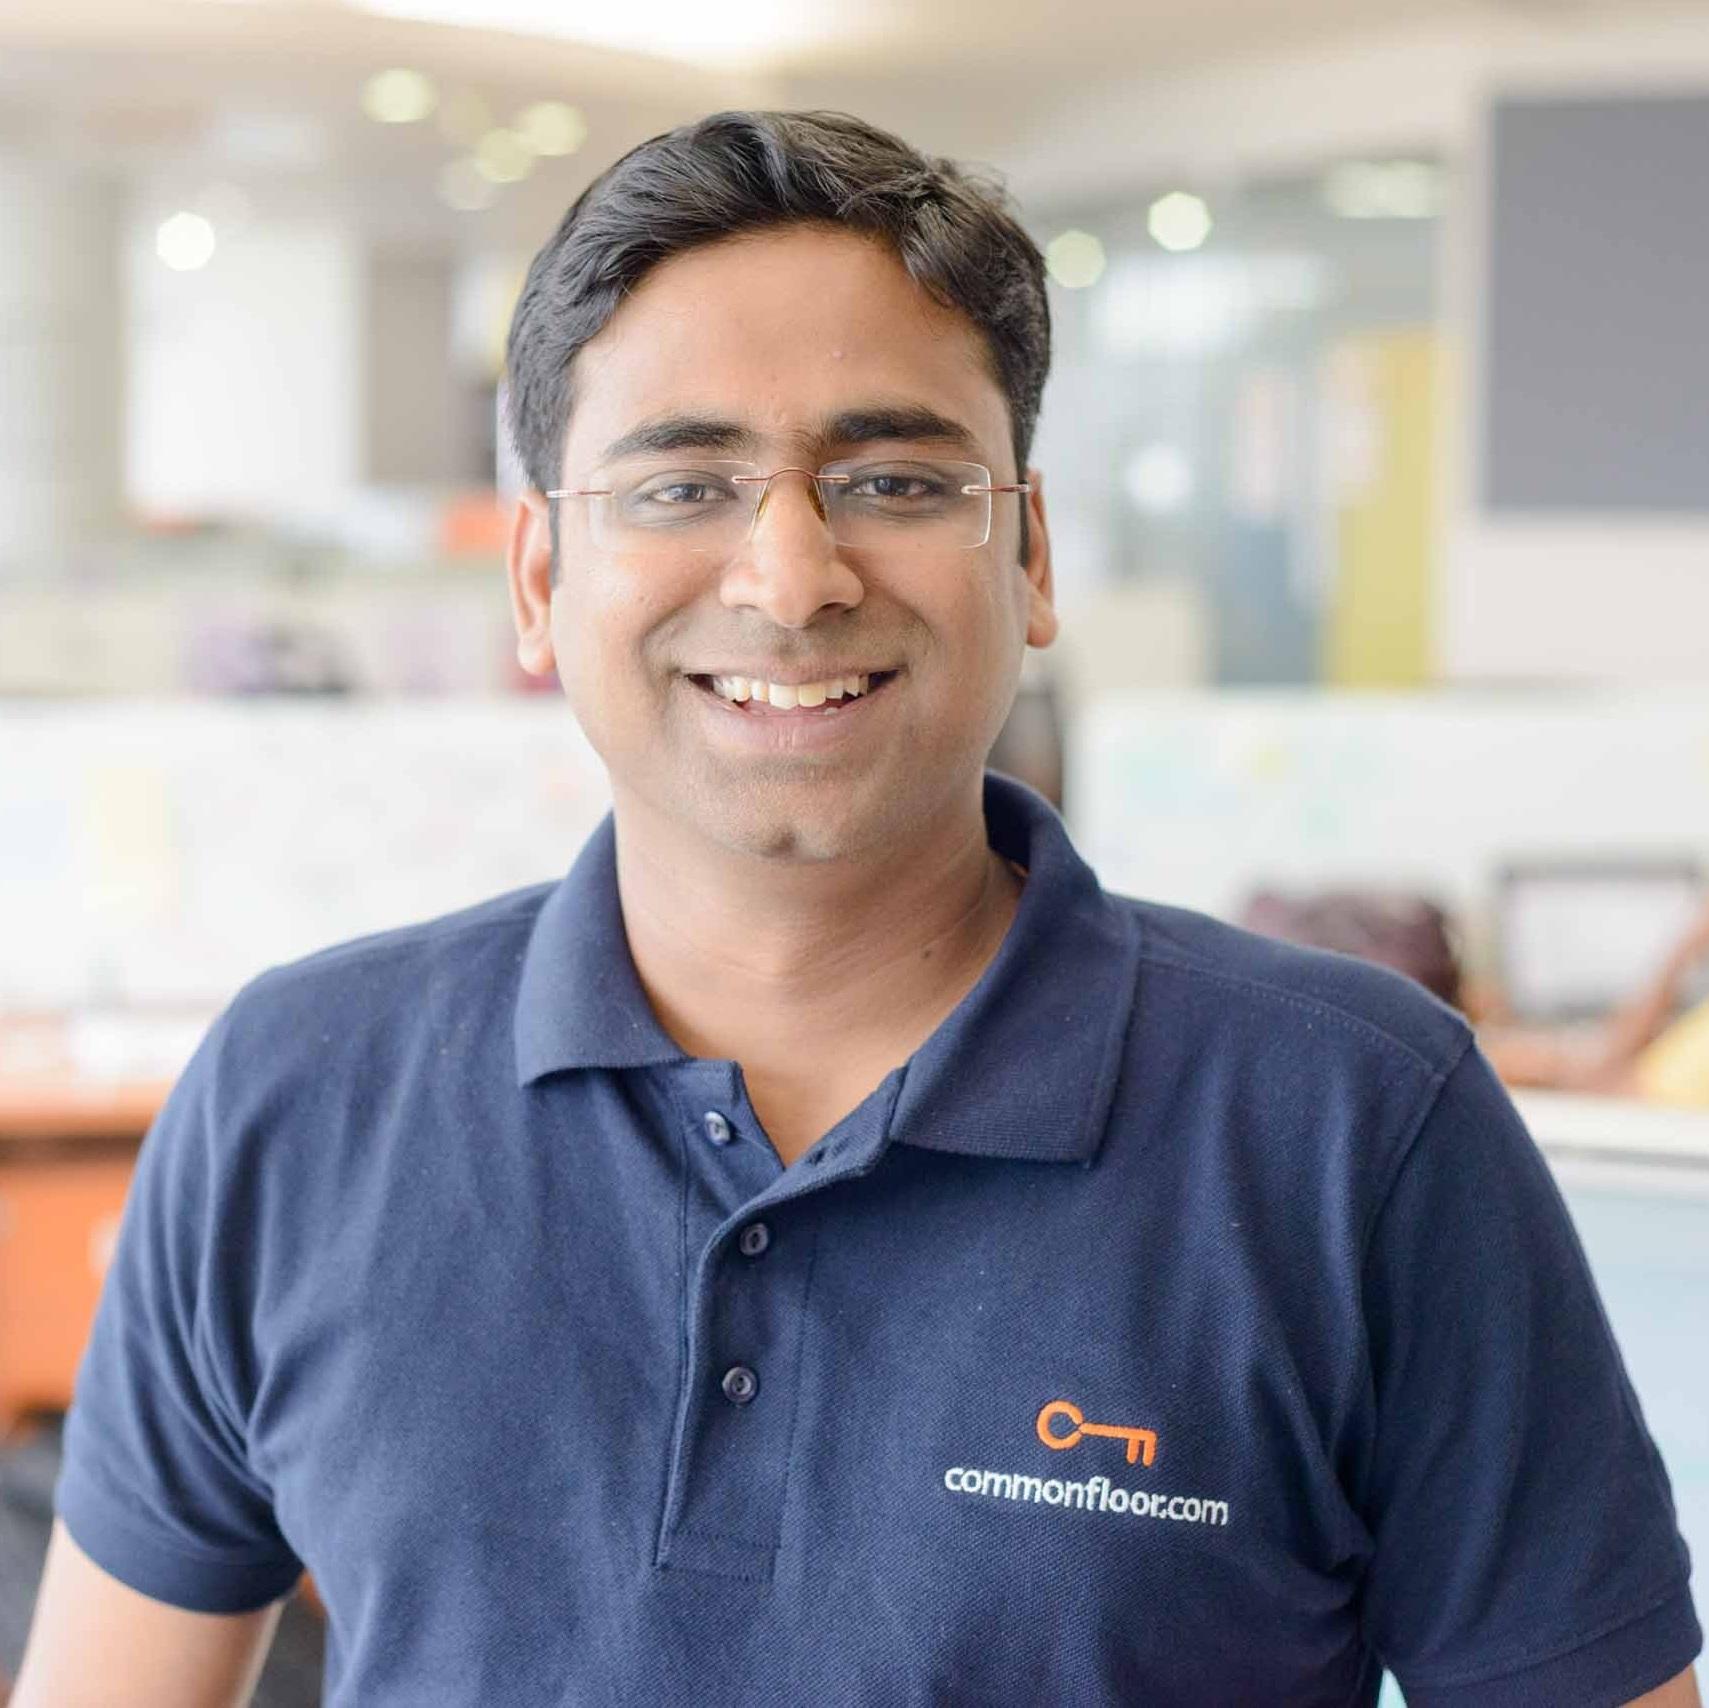 Sumit Jain   Co-Founder, CommonFloor.com